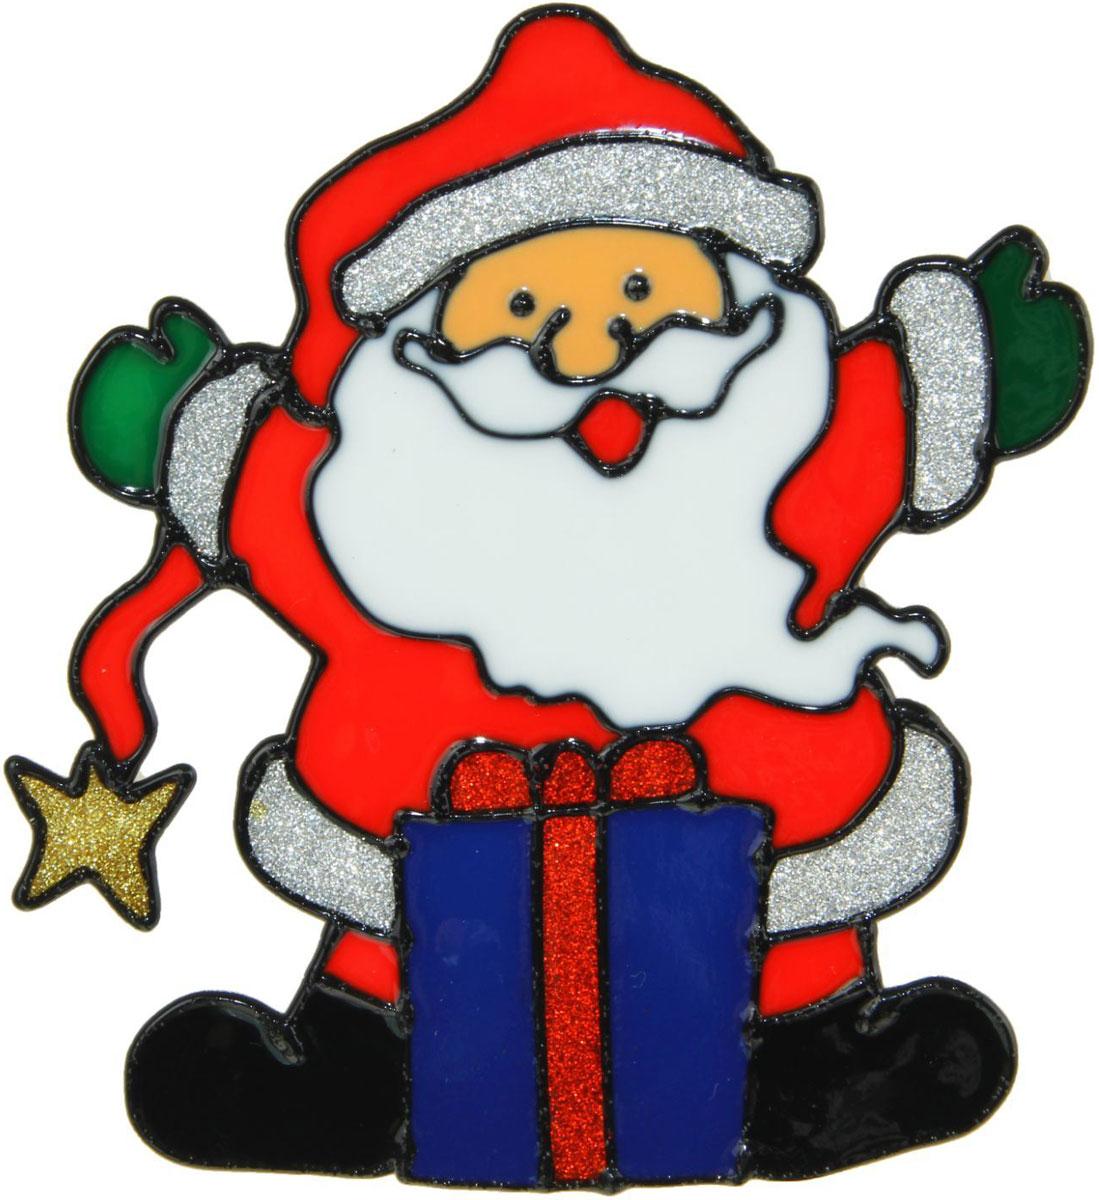 Украшение новогоднее оконное NoName Дед Мороз в длинном колпаке с подарком, 13 х 15,5 см1399691Новогоднее оконное украшение NoName Дед Мороз в длинном колпаке с подарком поможет украсить дом к предстоящим праздникам. Яркая наклейка крепится к гладкой поверхности стекла посредством статического эффекта. С помощью такого украшения вы сможете оживить интерьер по своему вкусу.Новогодние украшения всегда несут в себе волшебство и красоту праздника. Создайте в своем доме атмосферу тепла, веселья и радости, украшая его всей семьей.